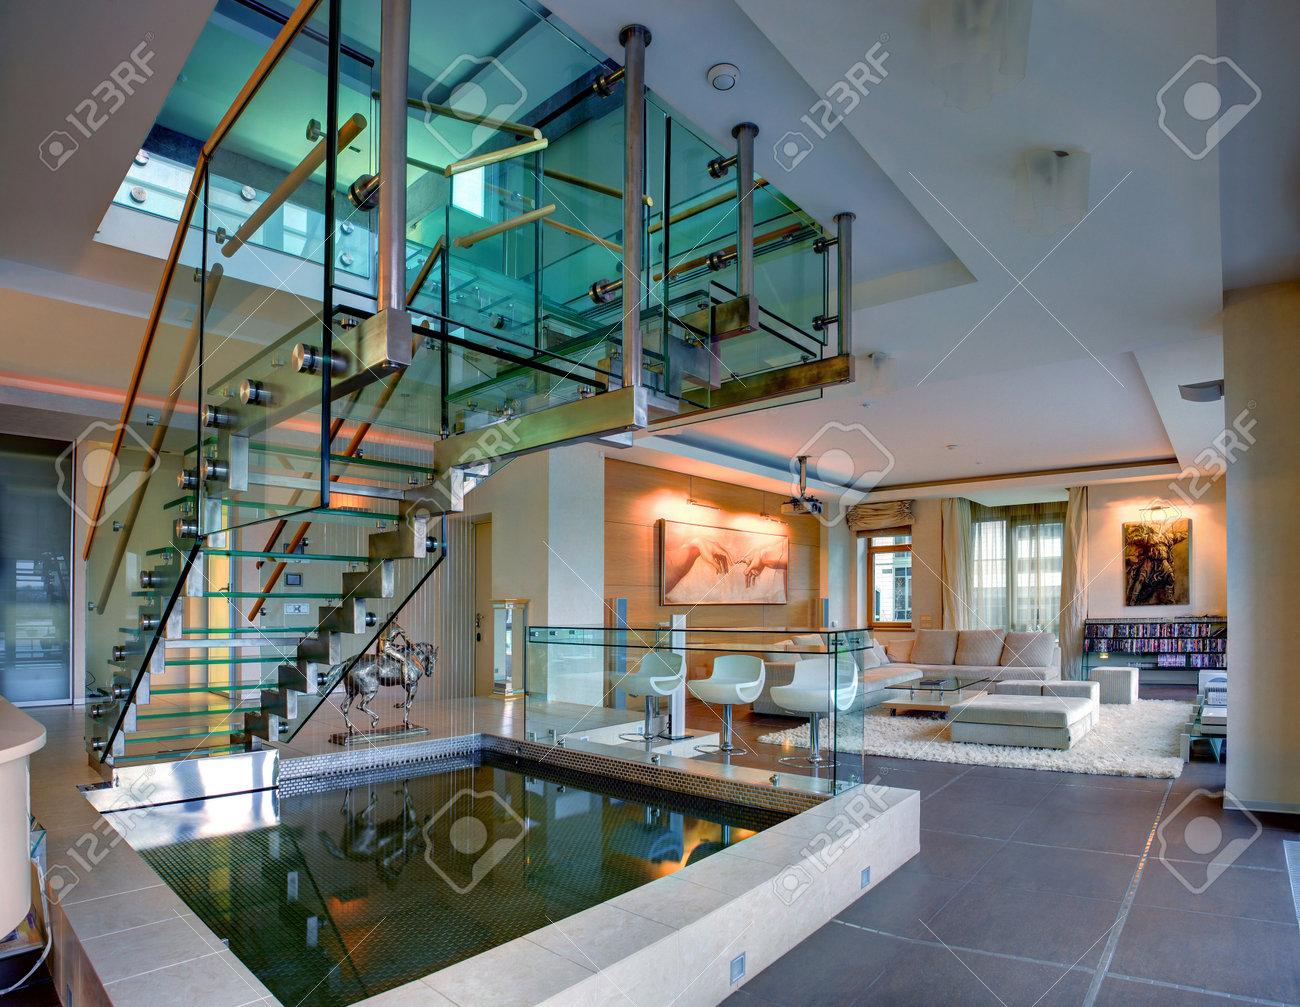 Vivre En Appartement Ou En Maison saint-pétersbourg, russie - le 16 décembre 2011: vivre dans une maison de  deux étages appartement de luxe, avec une piscine décorative et un escalier